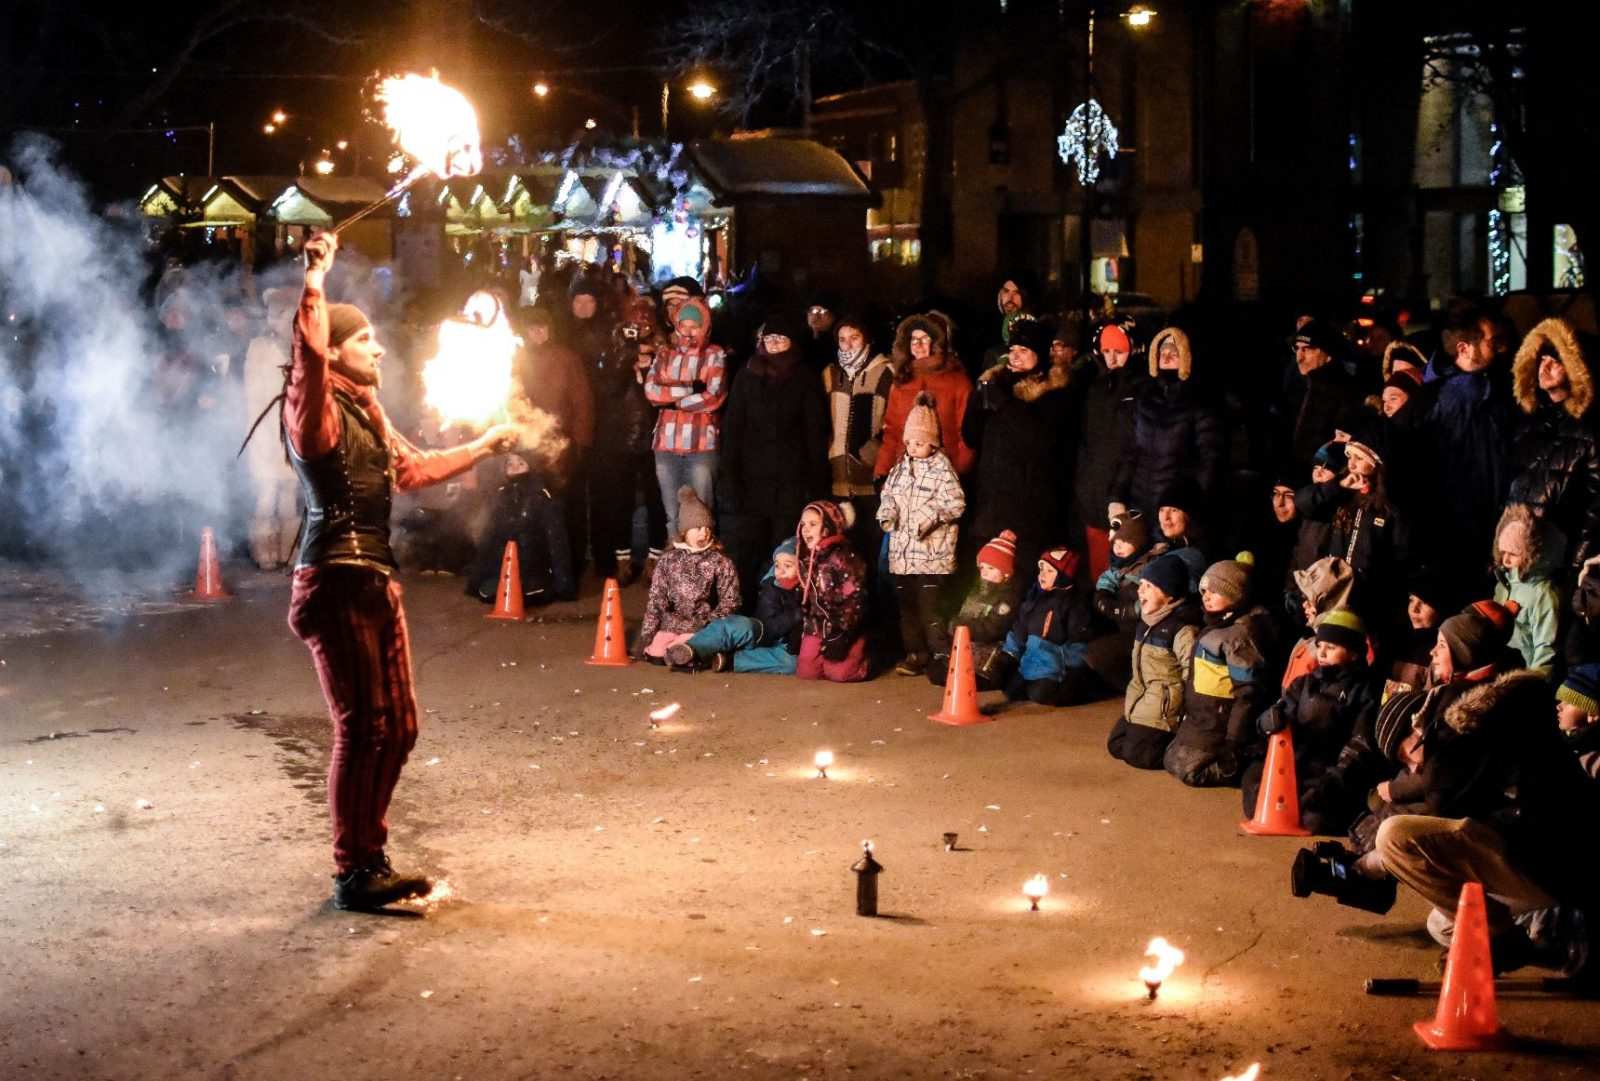 L'ouverture du Marché de Noël en images (vidéo du spectacle)